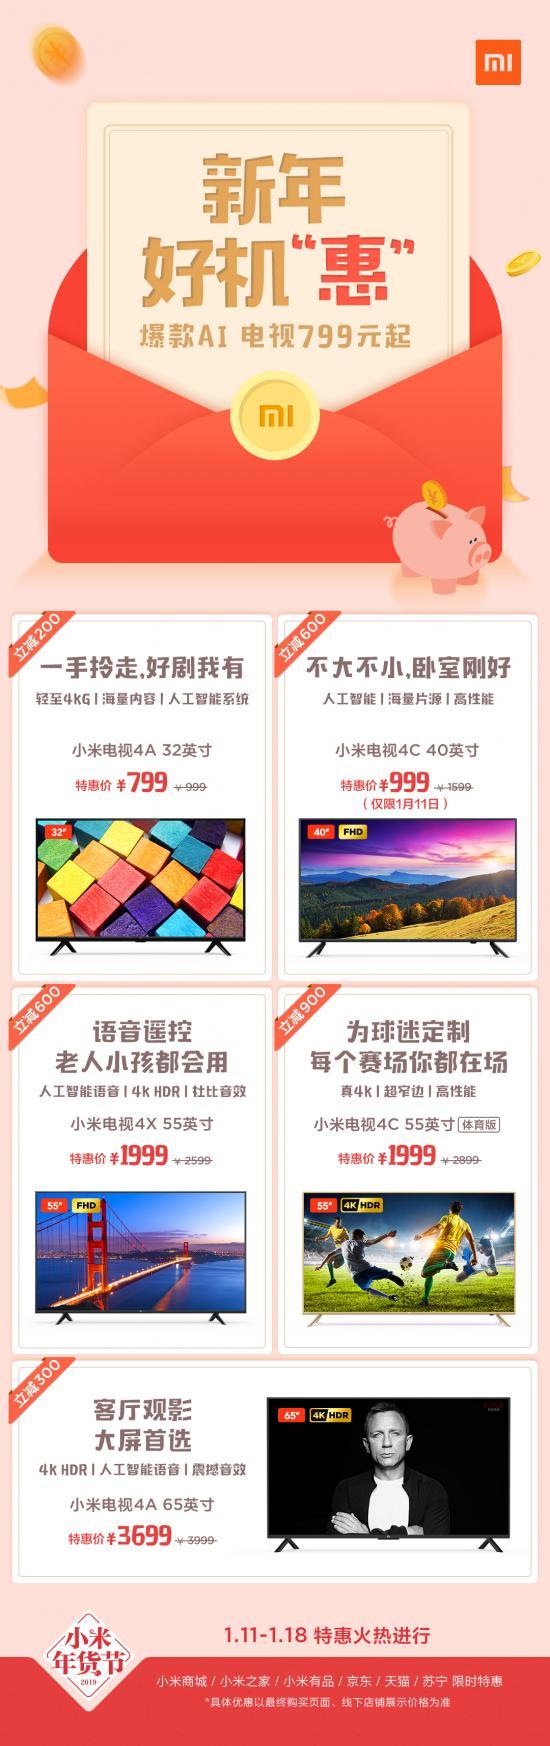 """40英寸电视仅999元 """"小米年货节""""价格疯狂"""